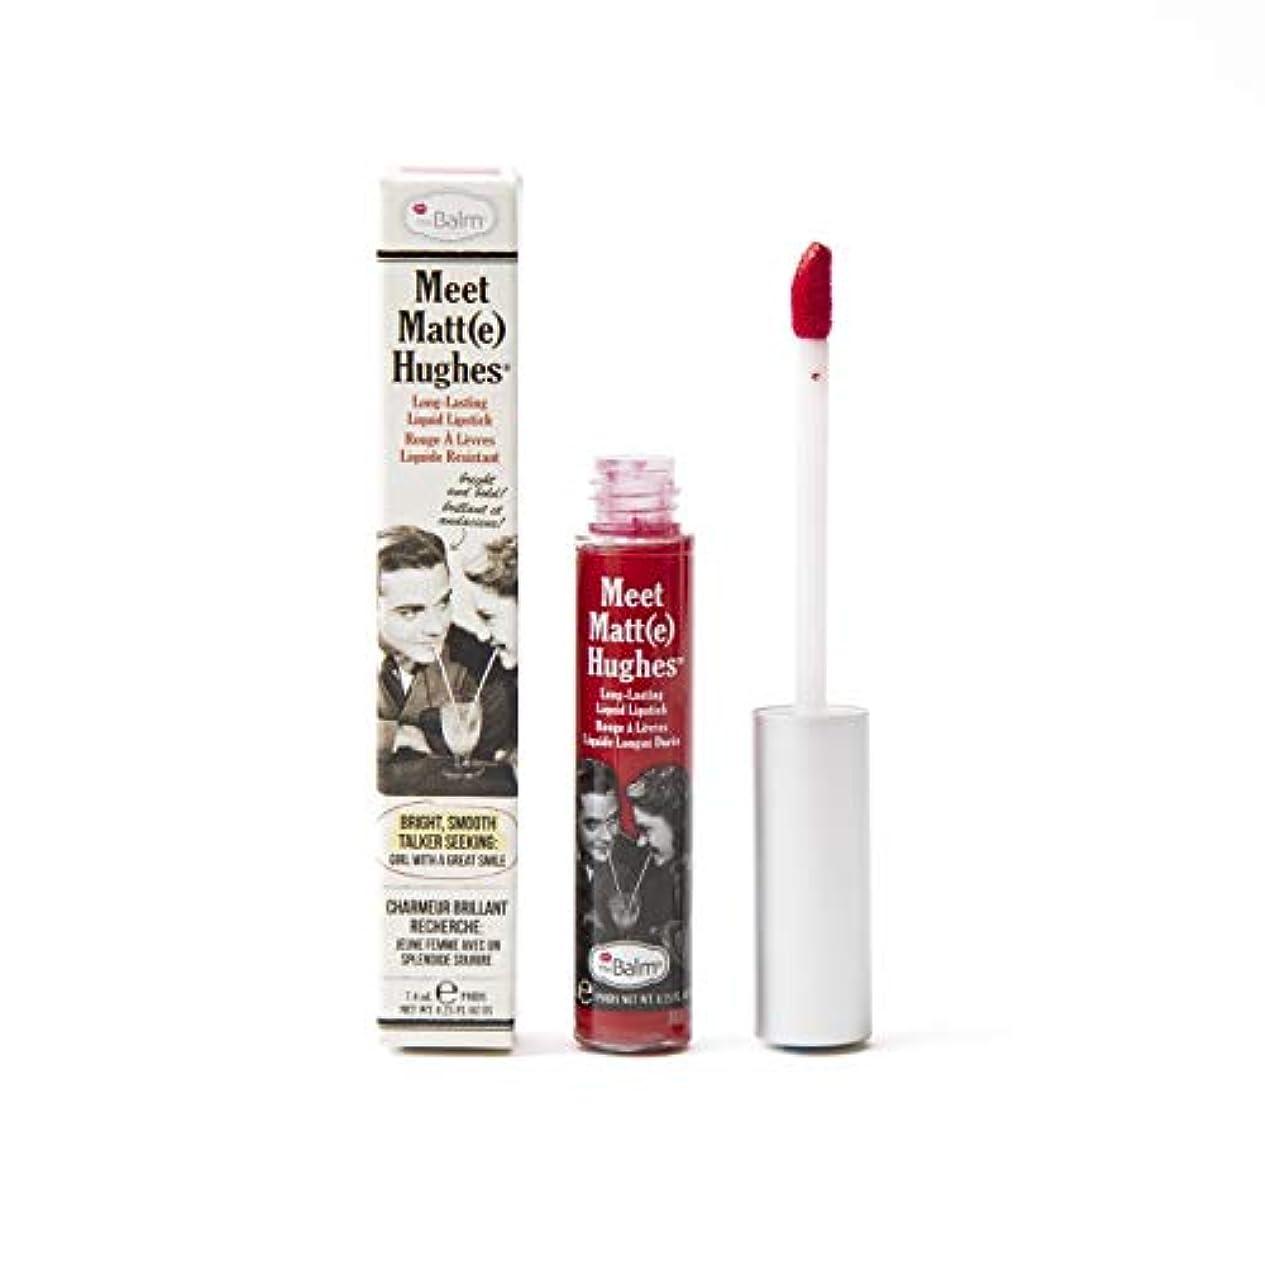 ジュラシックパーク冒険家ブローザバーム Meet Matte Hughes Long Lasting Liquid Lipstick - Devoted 7.4ml/0.25oz並行輸入品